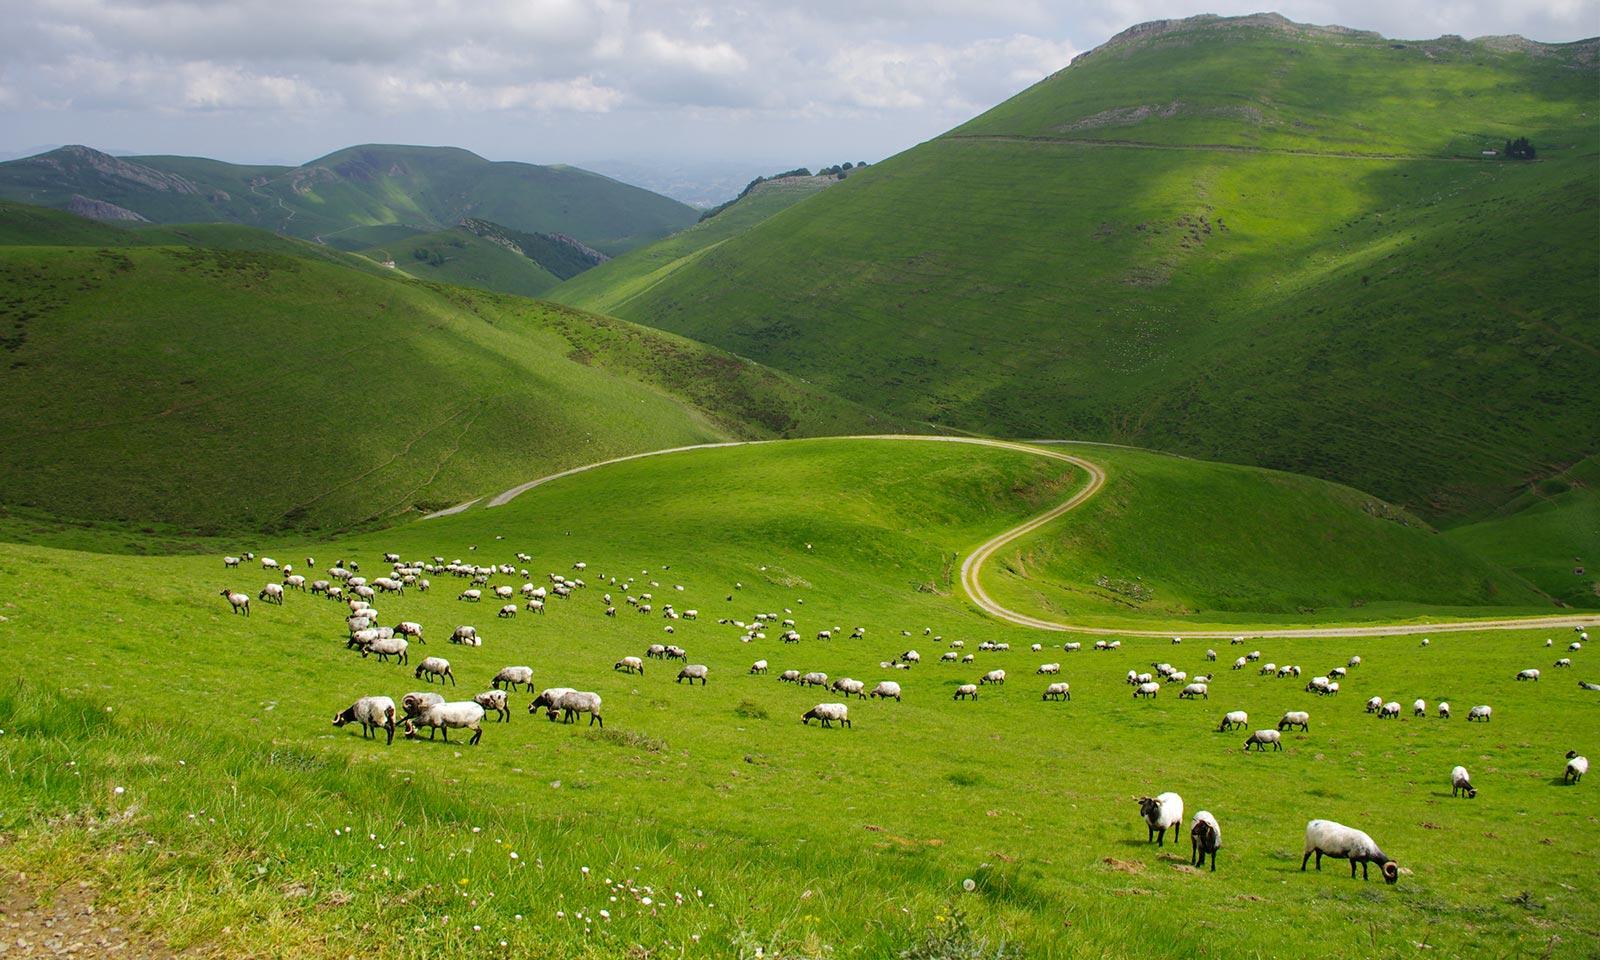 Accueil ATR - Paysage de montagne avec des moutons, un chemin et un ciel nuageux - Pays Basque France - Chamina ©Pascal Saint Jean